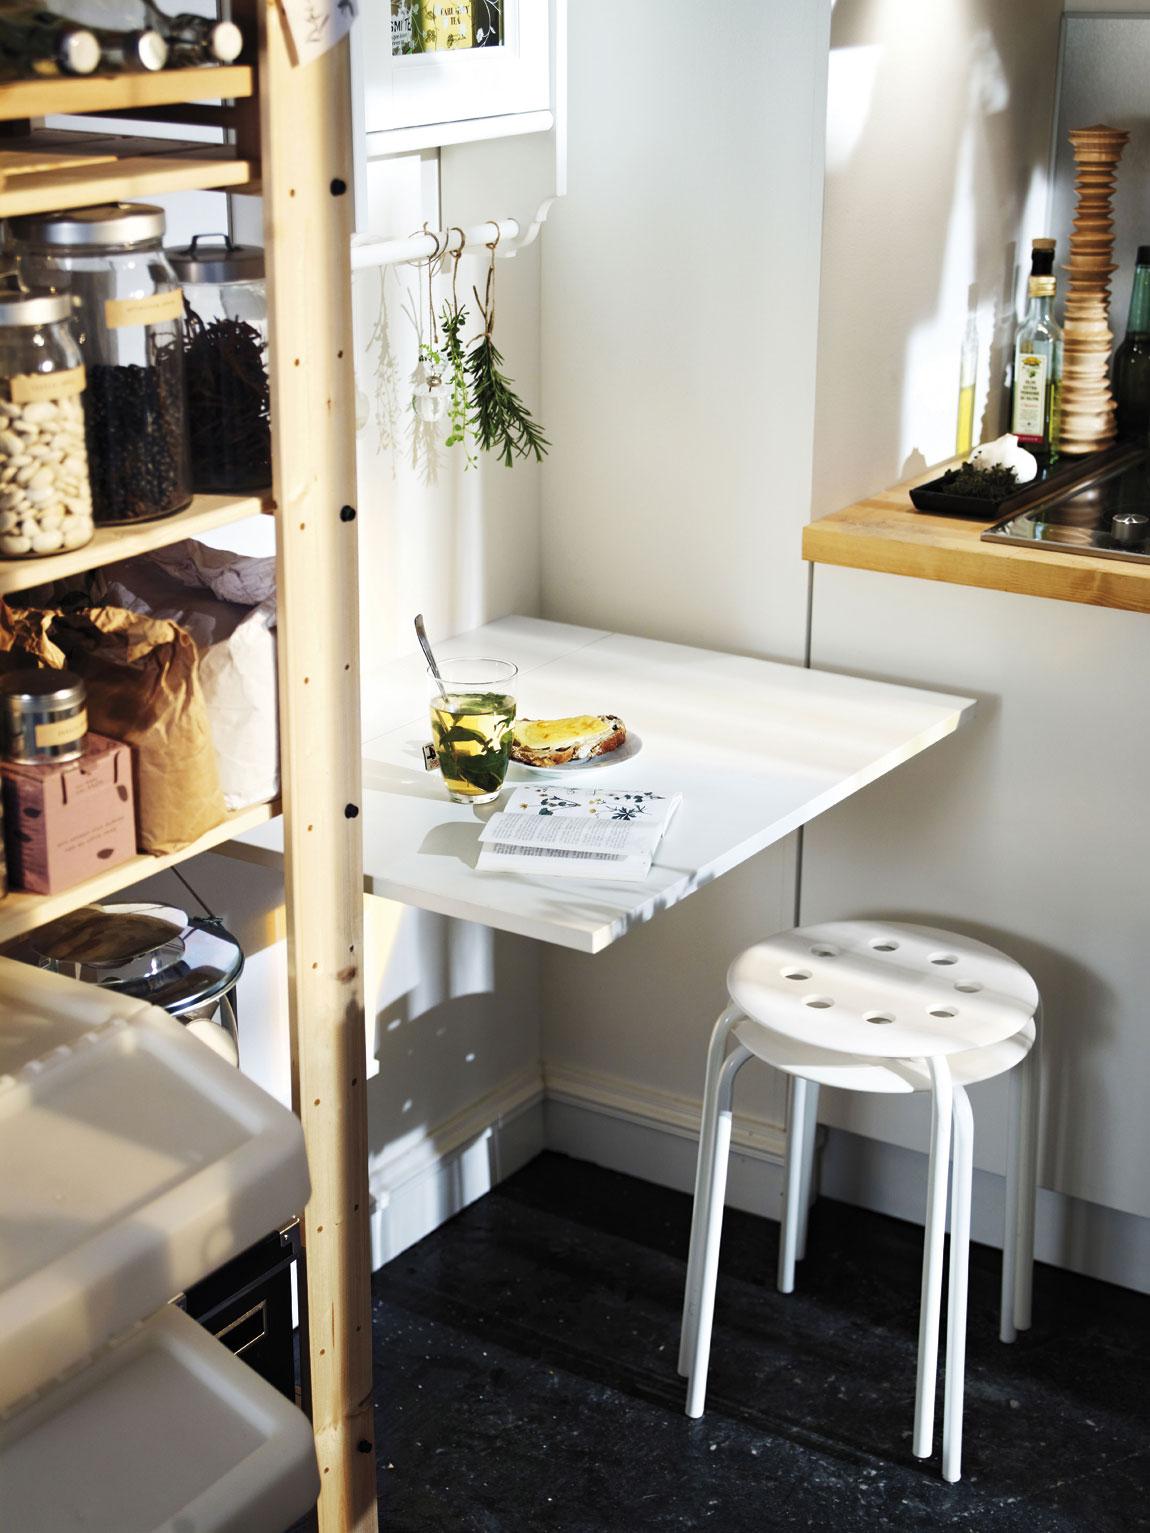 Novedades ikea 2012 cocinas im genes de ambientes con lo m s nuevo del cat logo Ikea cocinas catalogo 2012